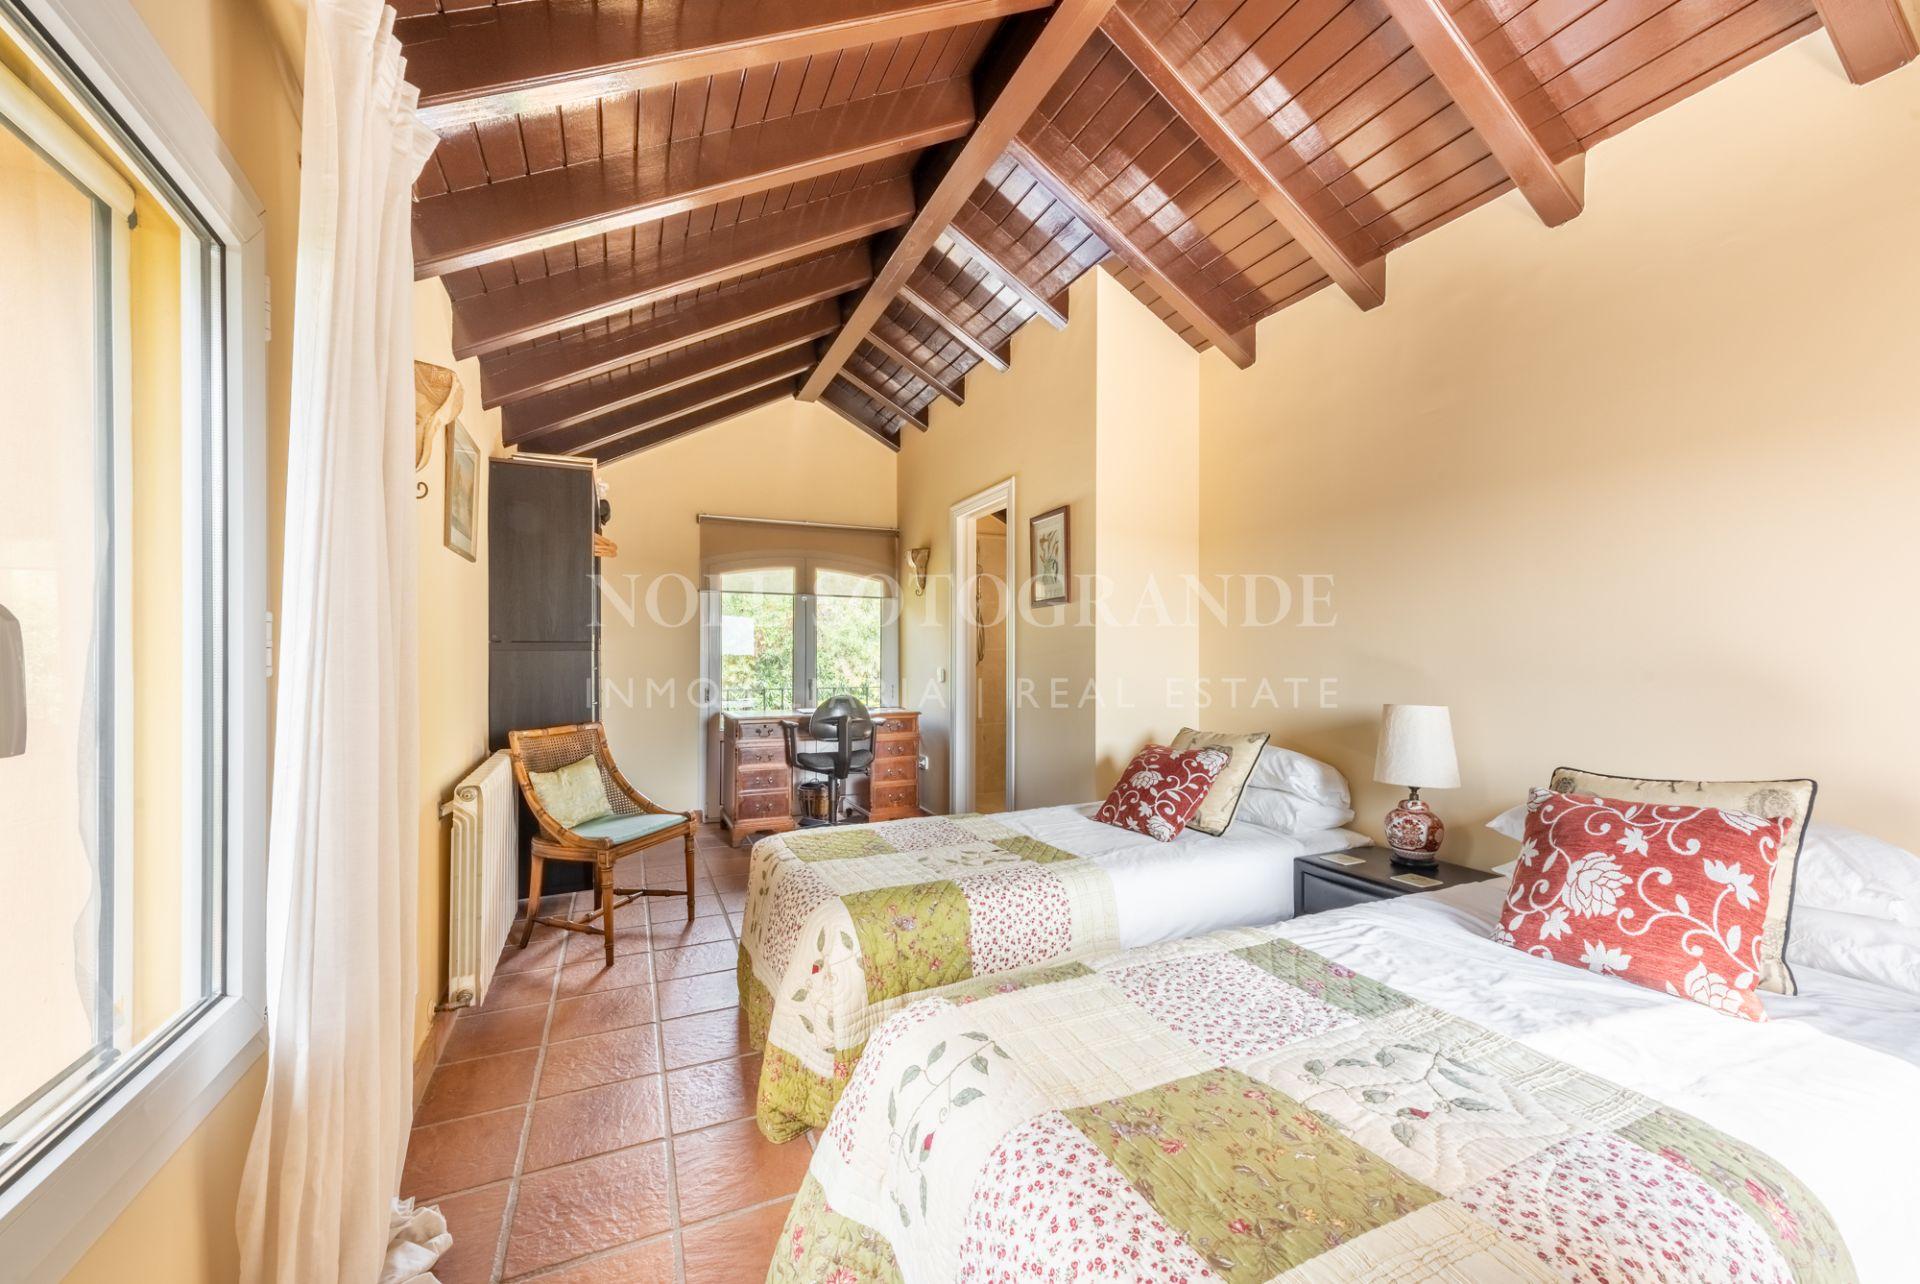 Villa with sea view in quiet location of Sotogrande Alto